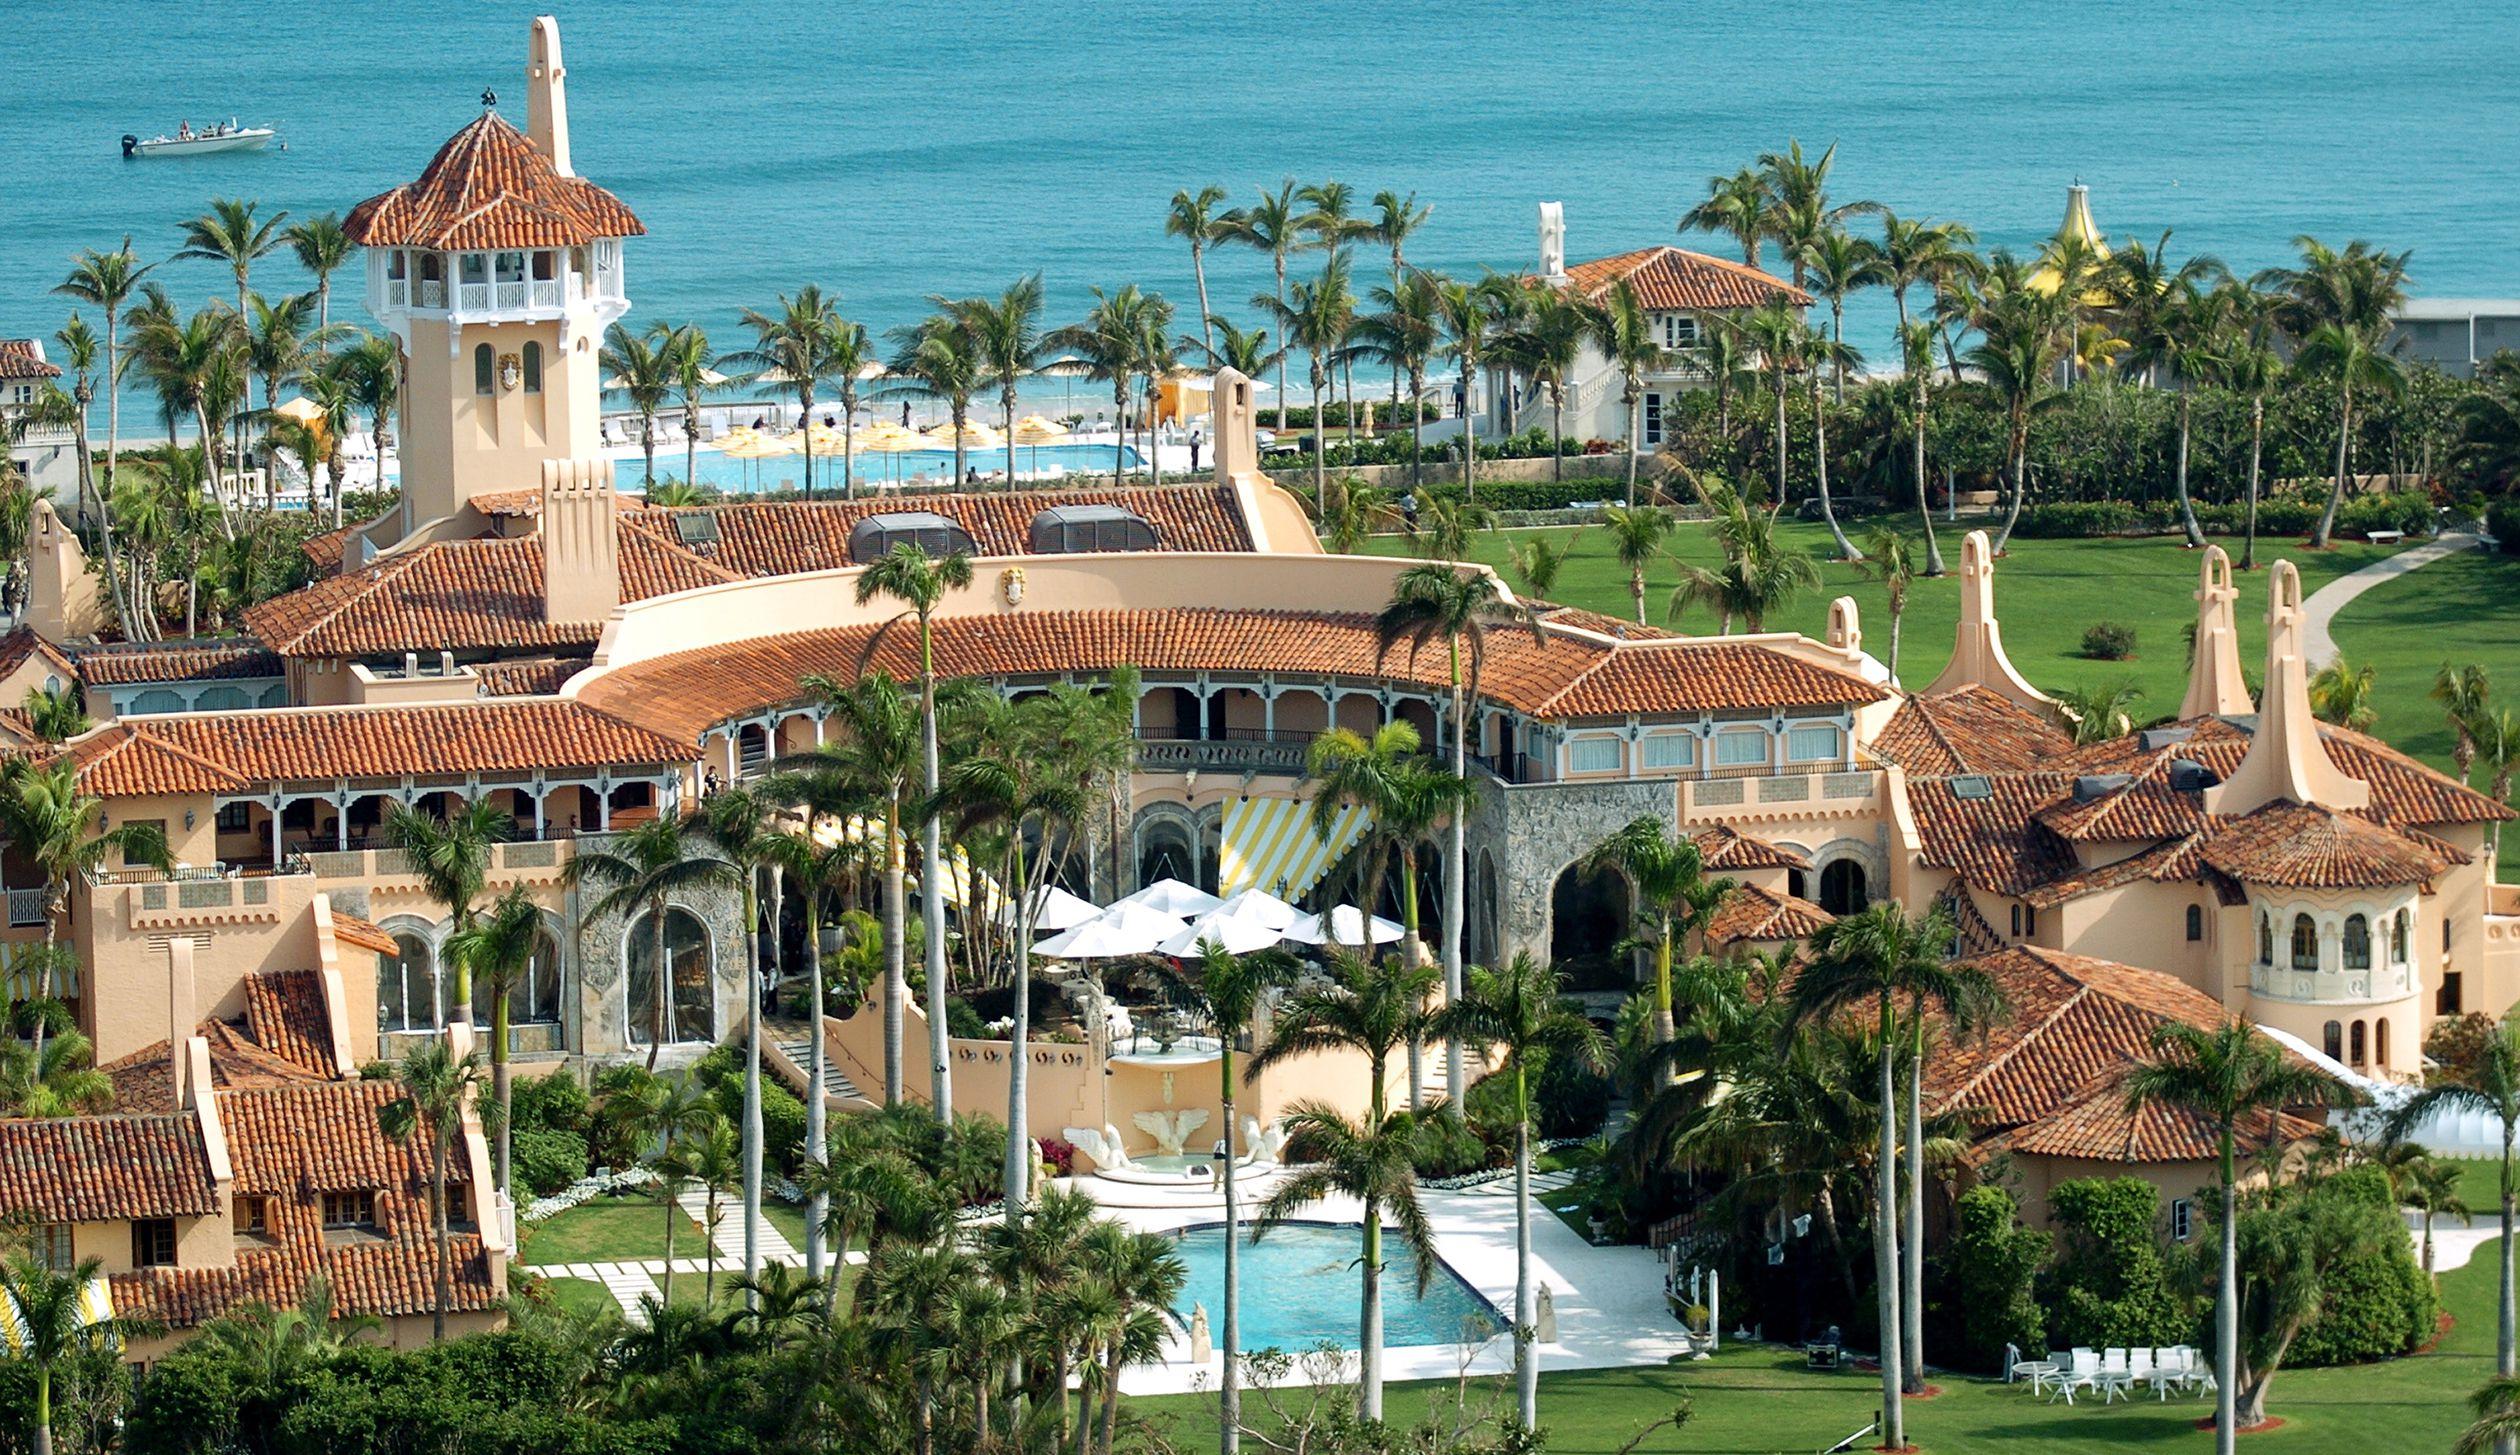 Mansión Mar-a- Lago (Palm Beach) – Valor: 200 millones de euros